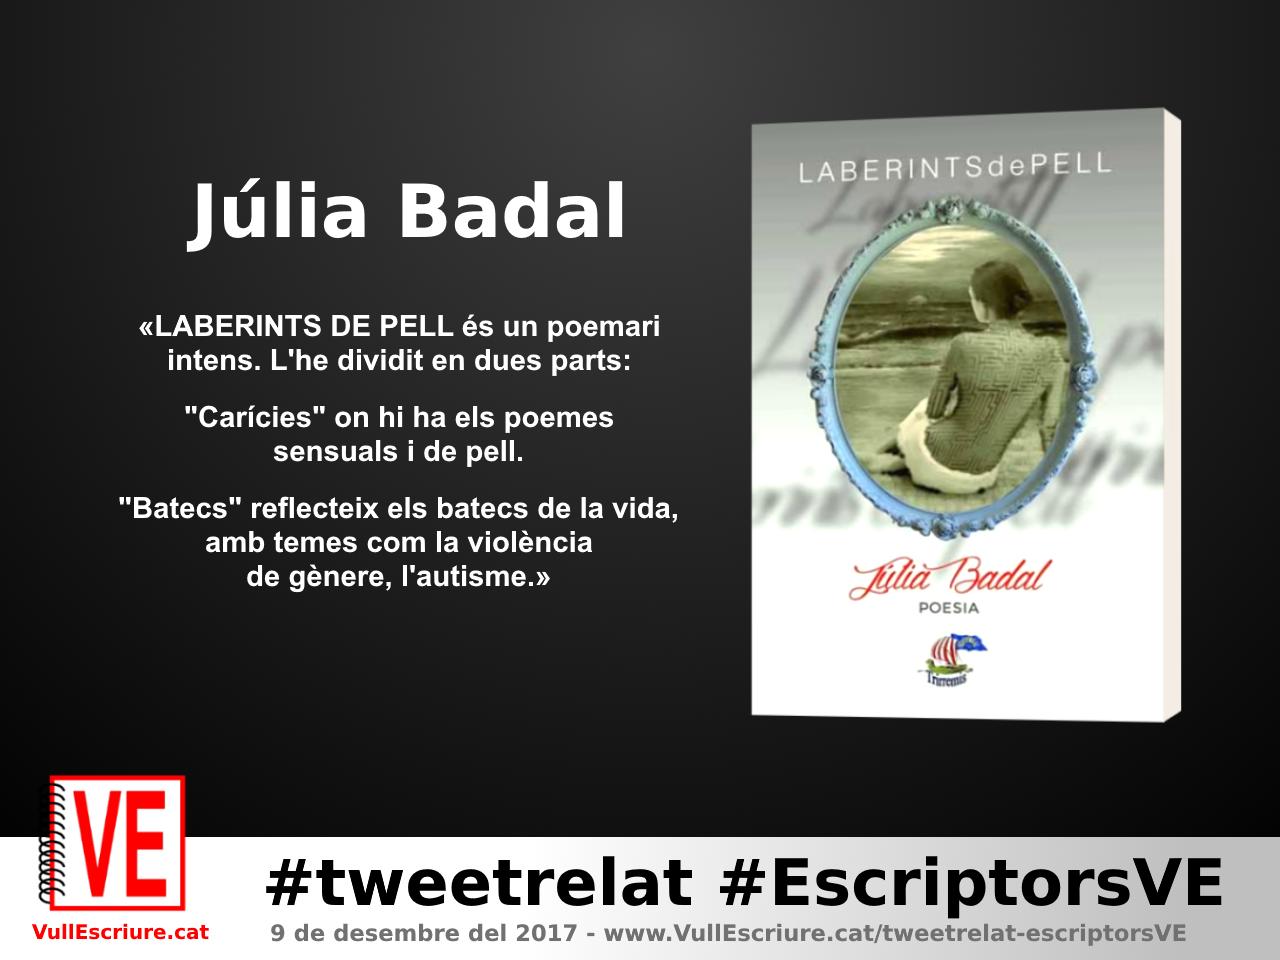 VullEscriure - Marató escriptura #tweetrelat #EscriptorsVE - Júlia Badal - Laberints de pell